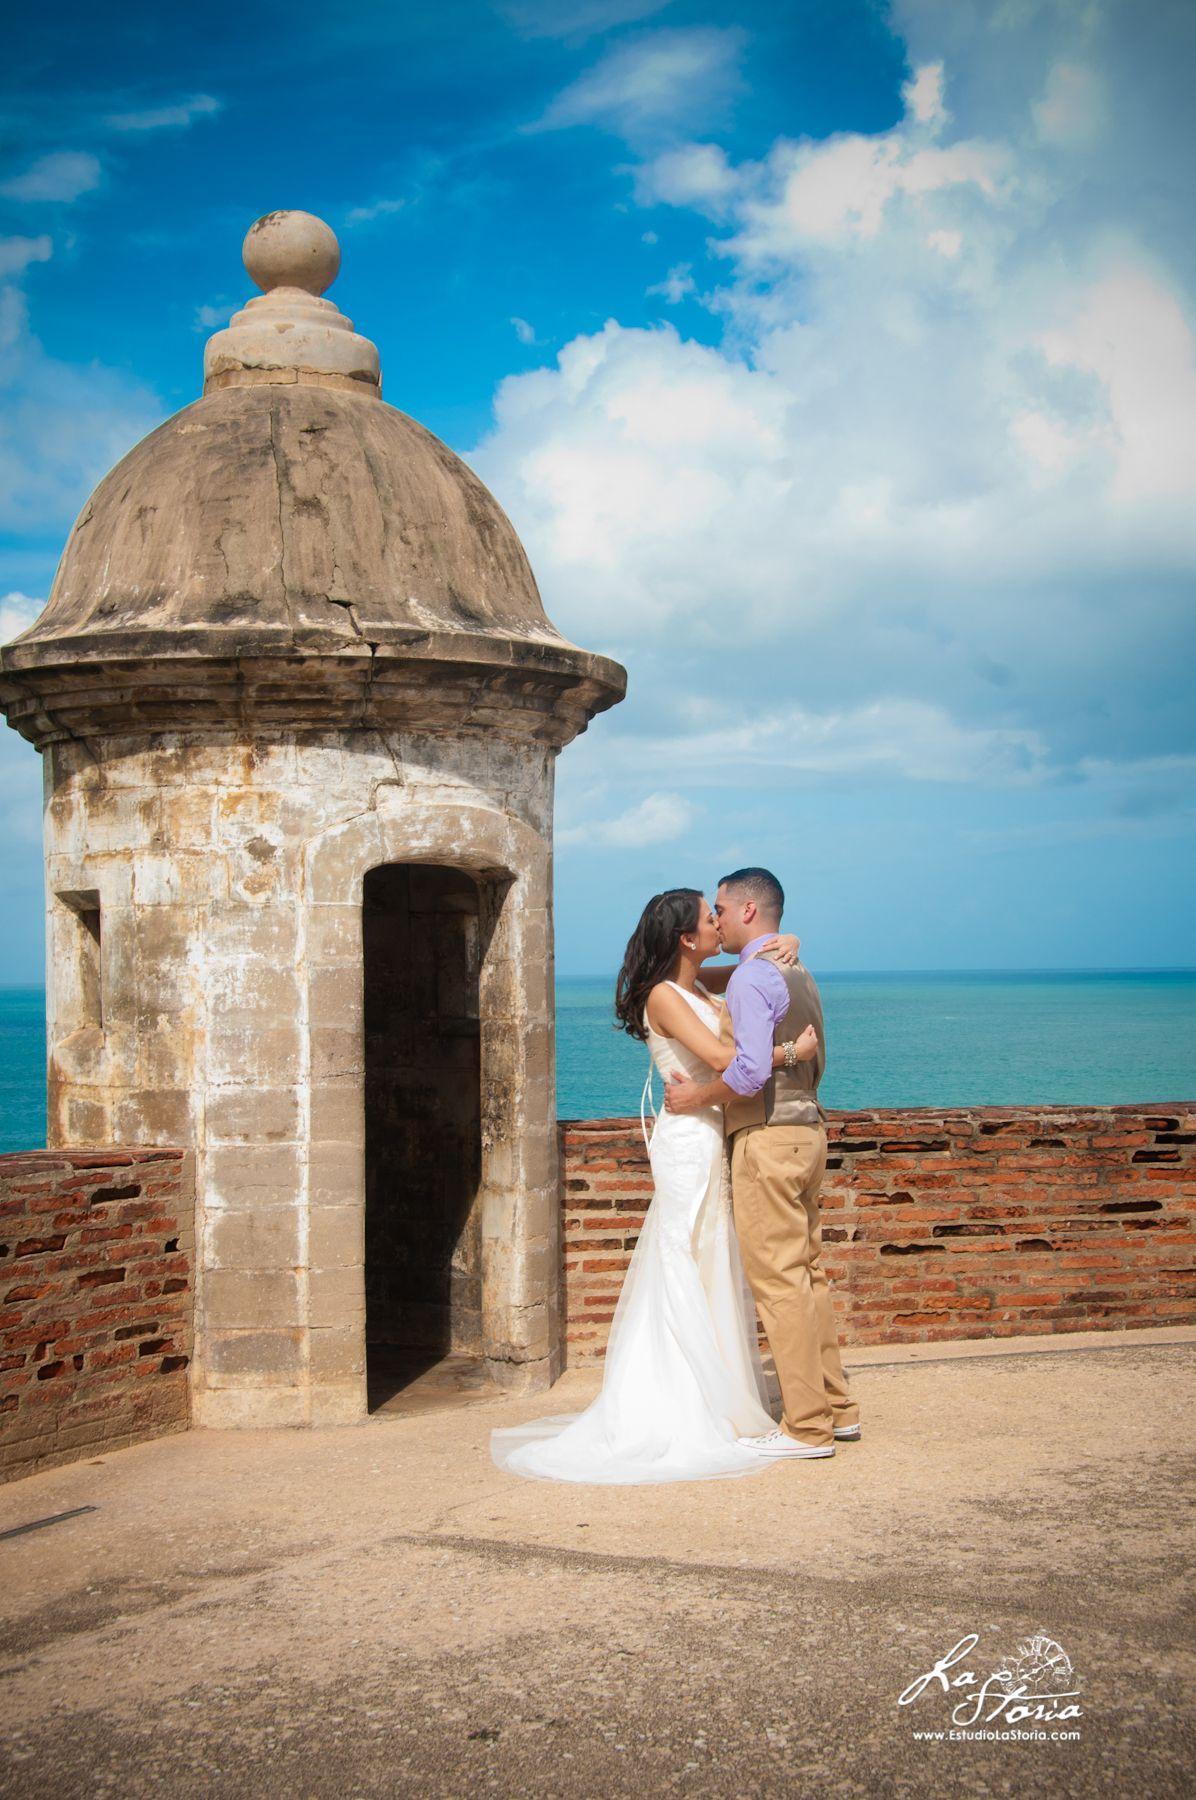 Real Destination Wedding in Puerto Rico. Castillo San